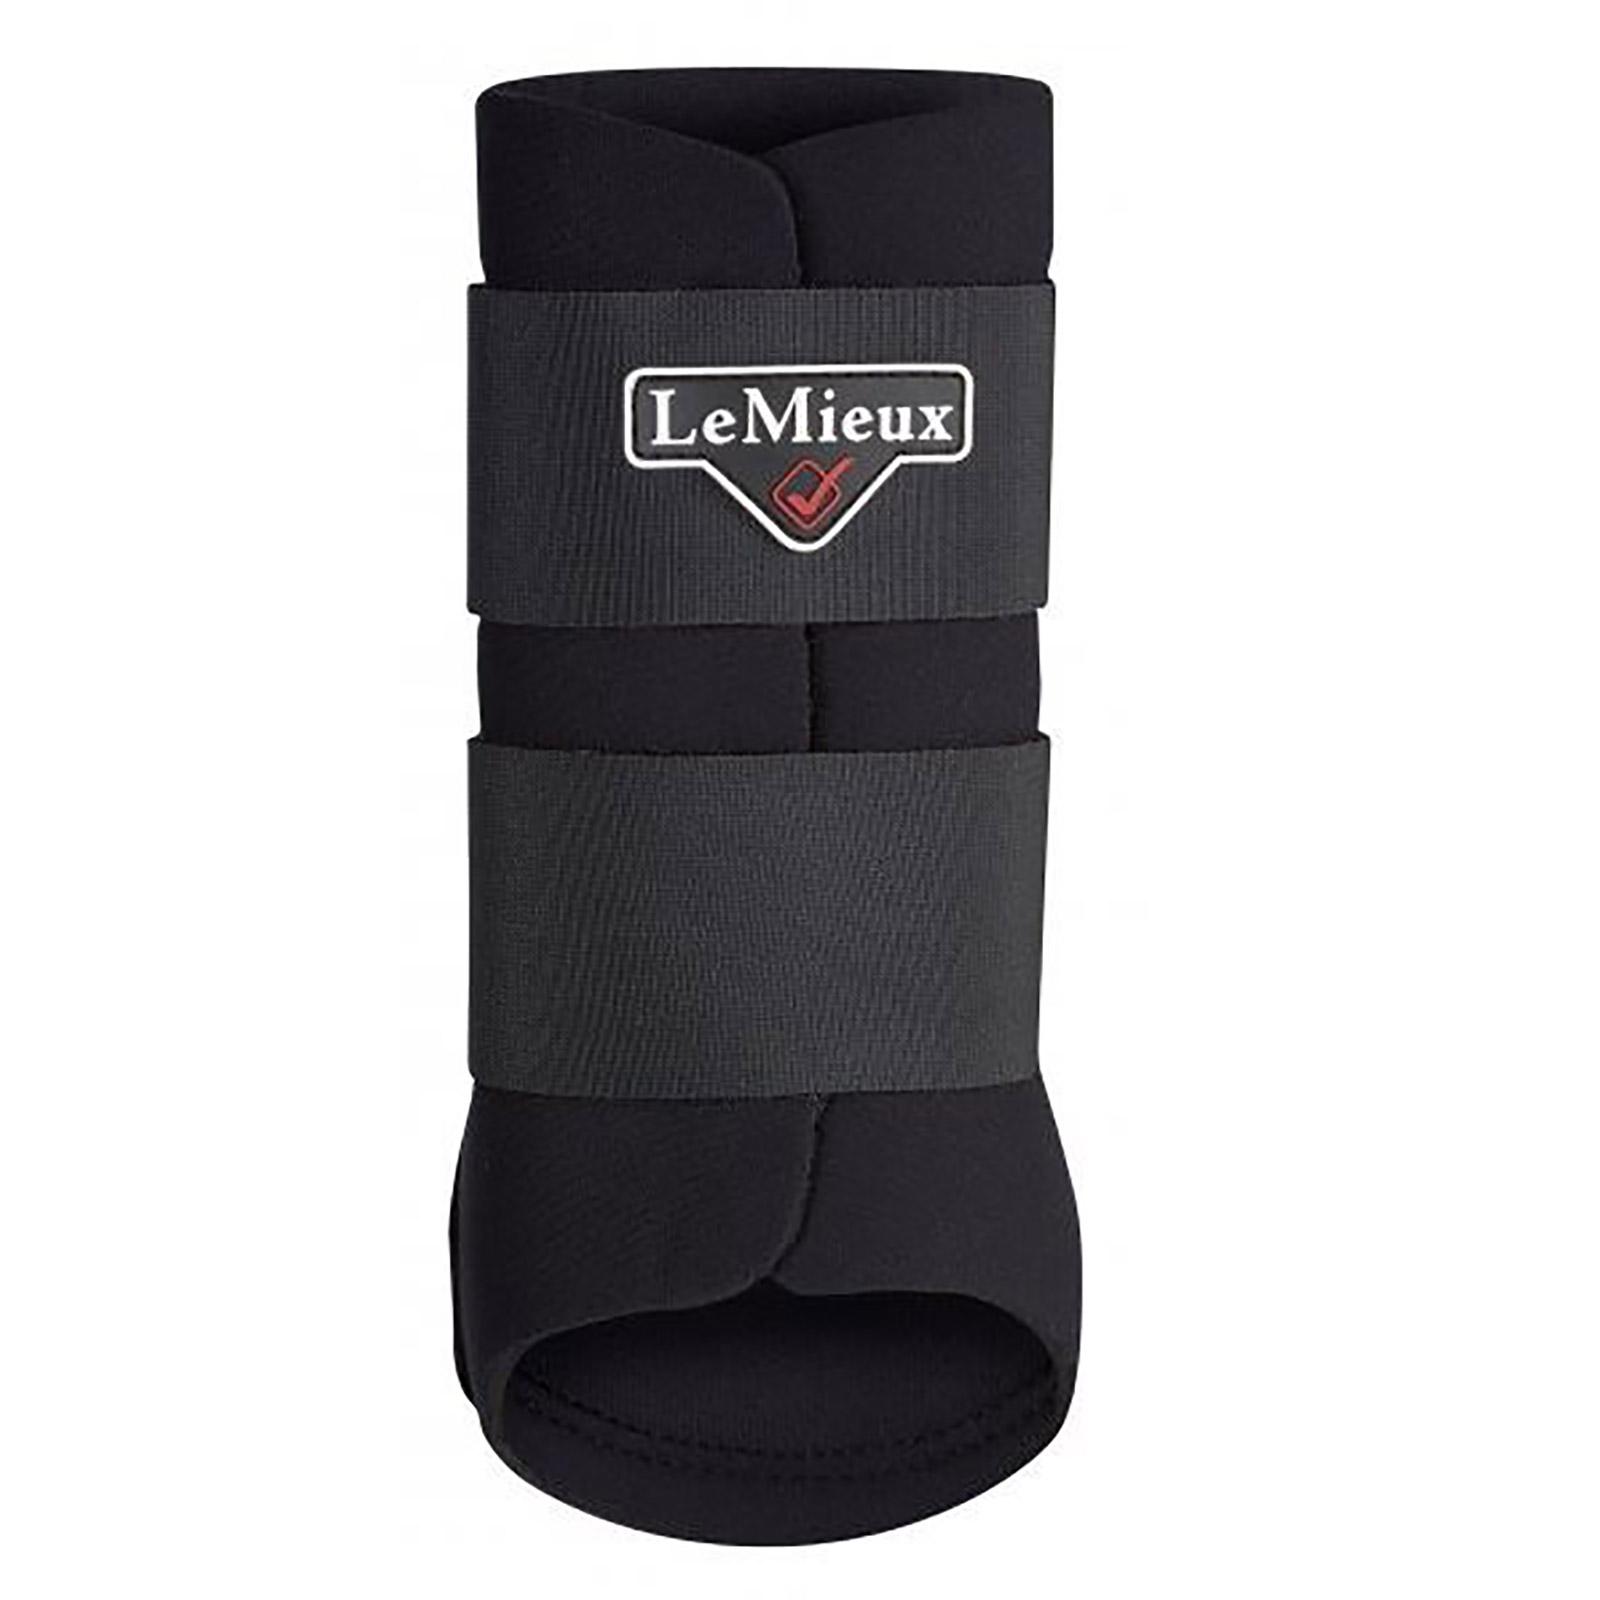 LEMIEUX-PROSPORT-Grafter-Brossage-Bottes-Leger-Protection miniature 10